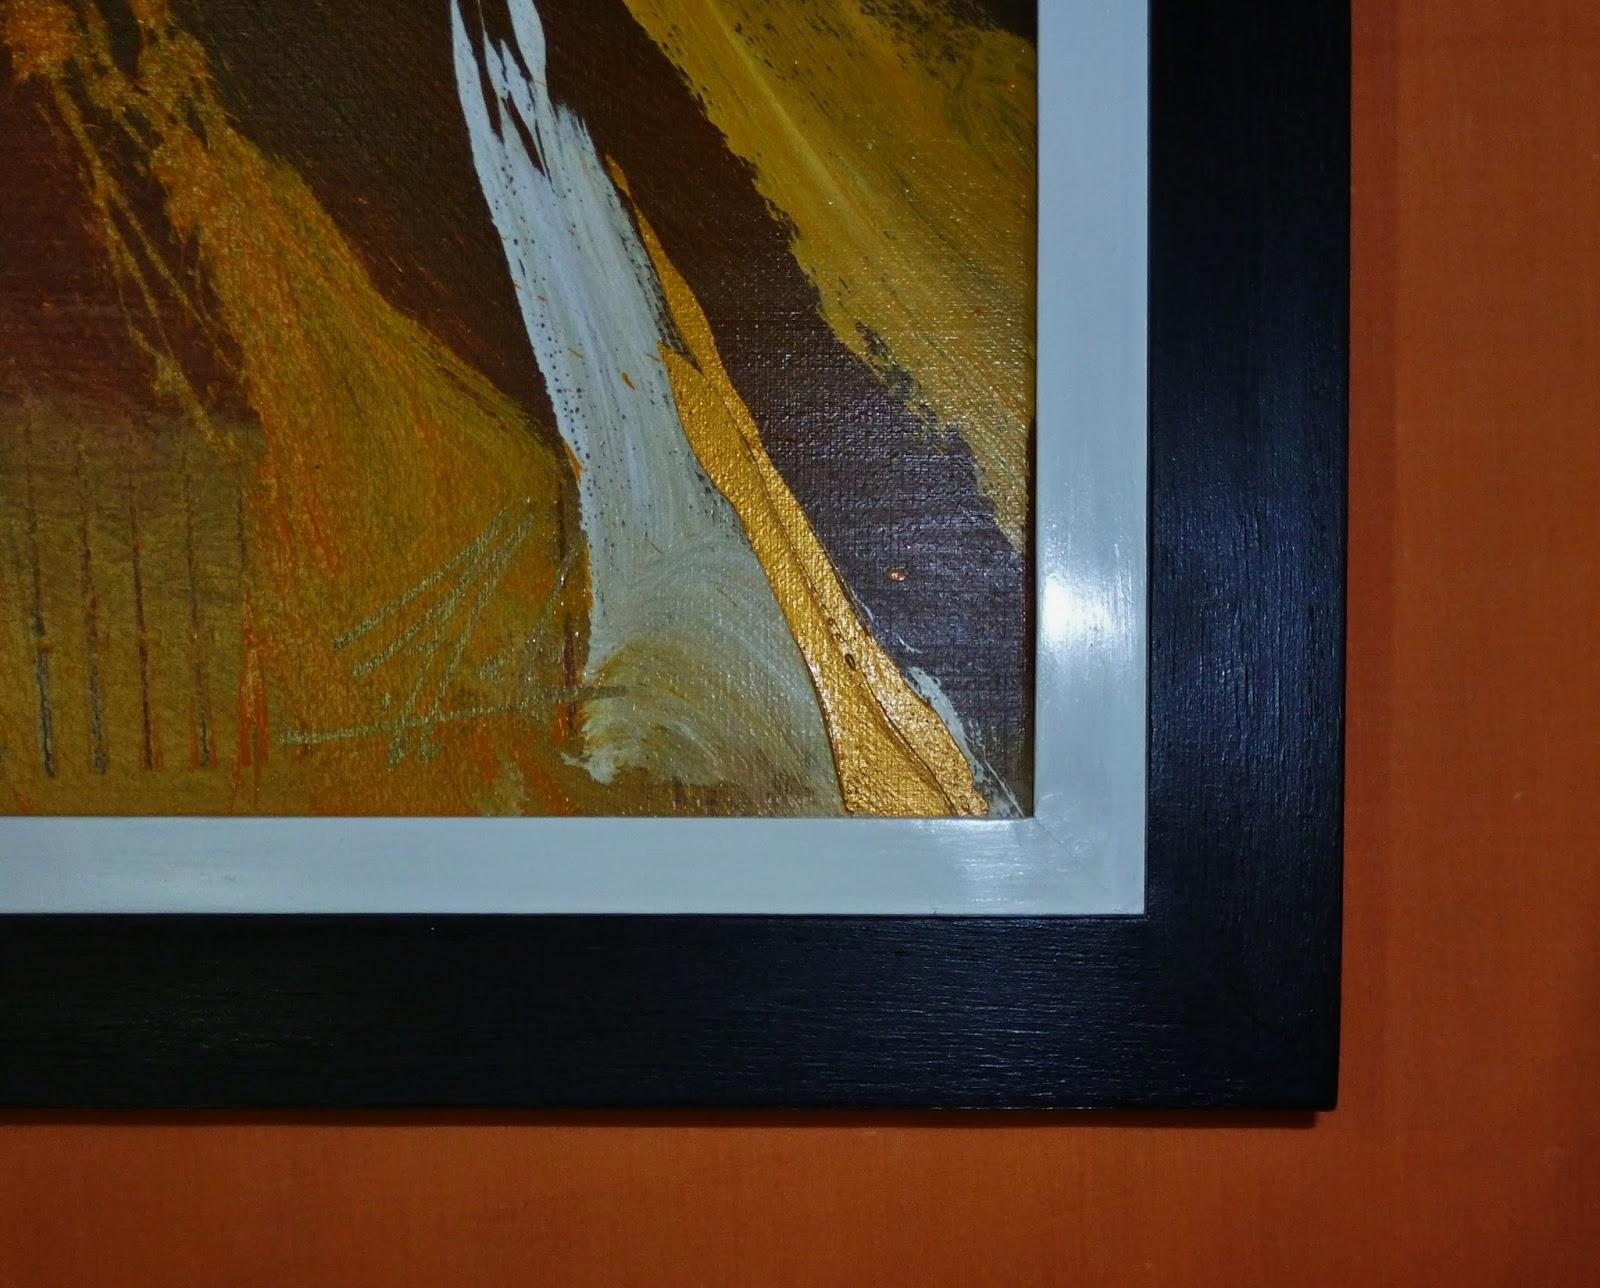 Almas en el viento marcos artesanales para cuadros y for Marcos para pinturas